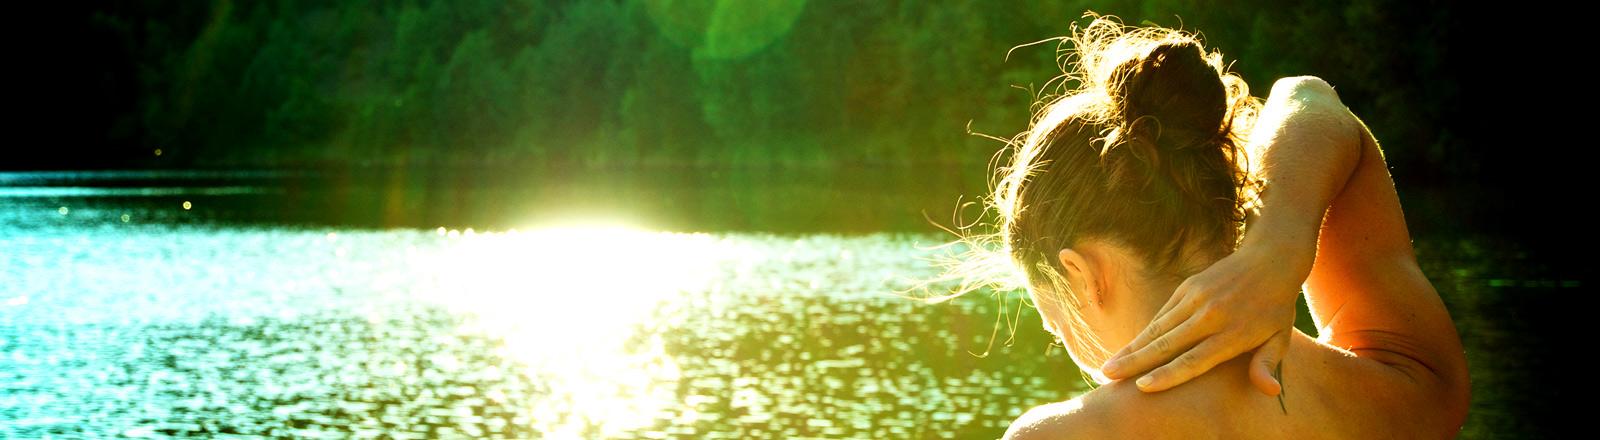 Eine junge Frau steht im Sonnenschein in einem See.